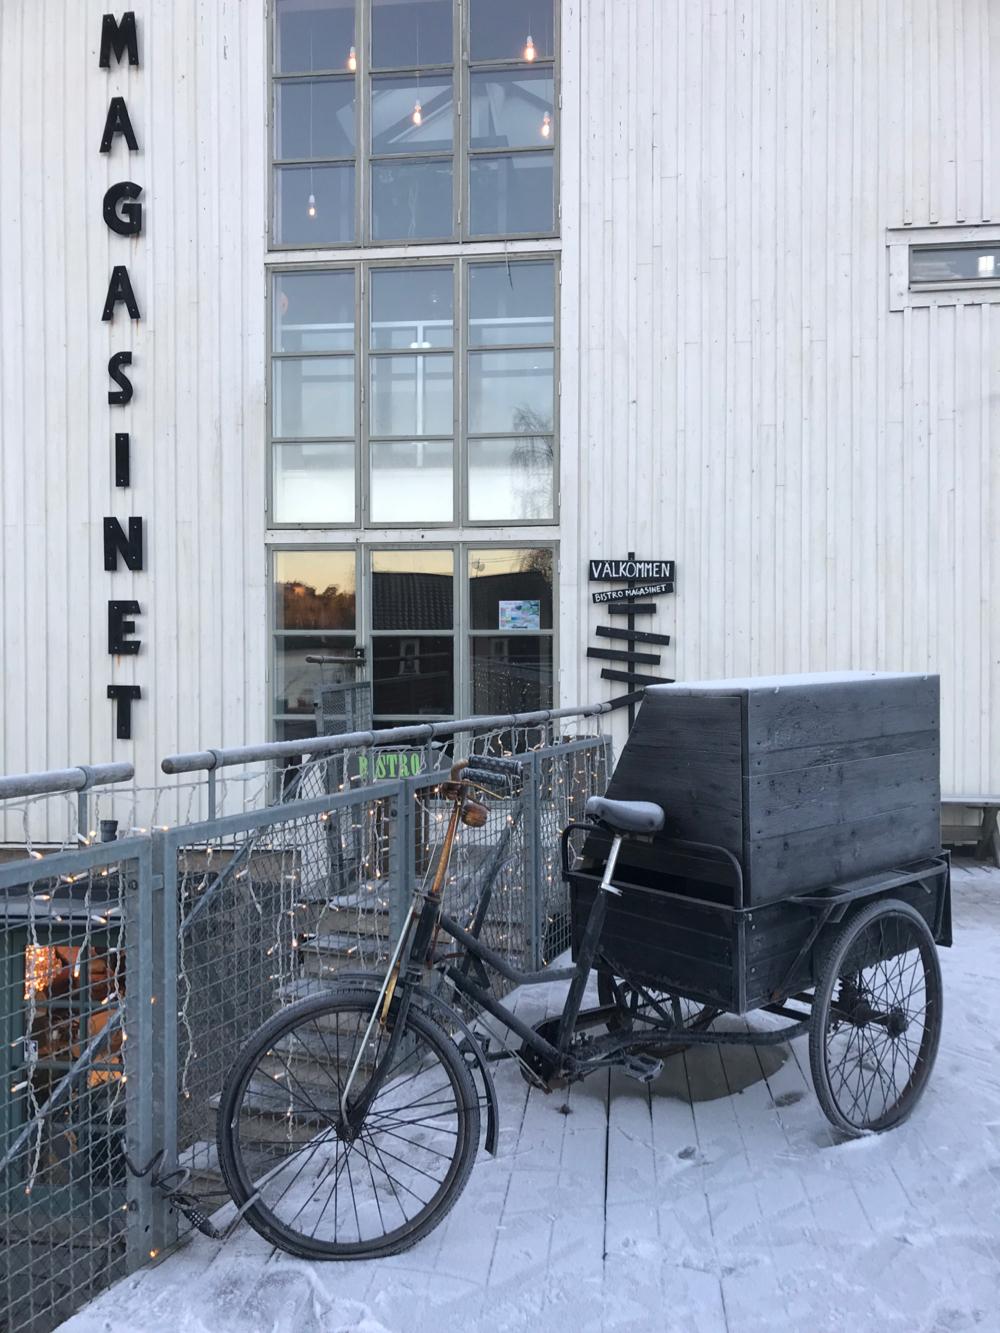 Woonwinkel met zwarte bakfiets er voor